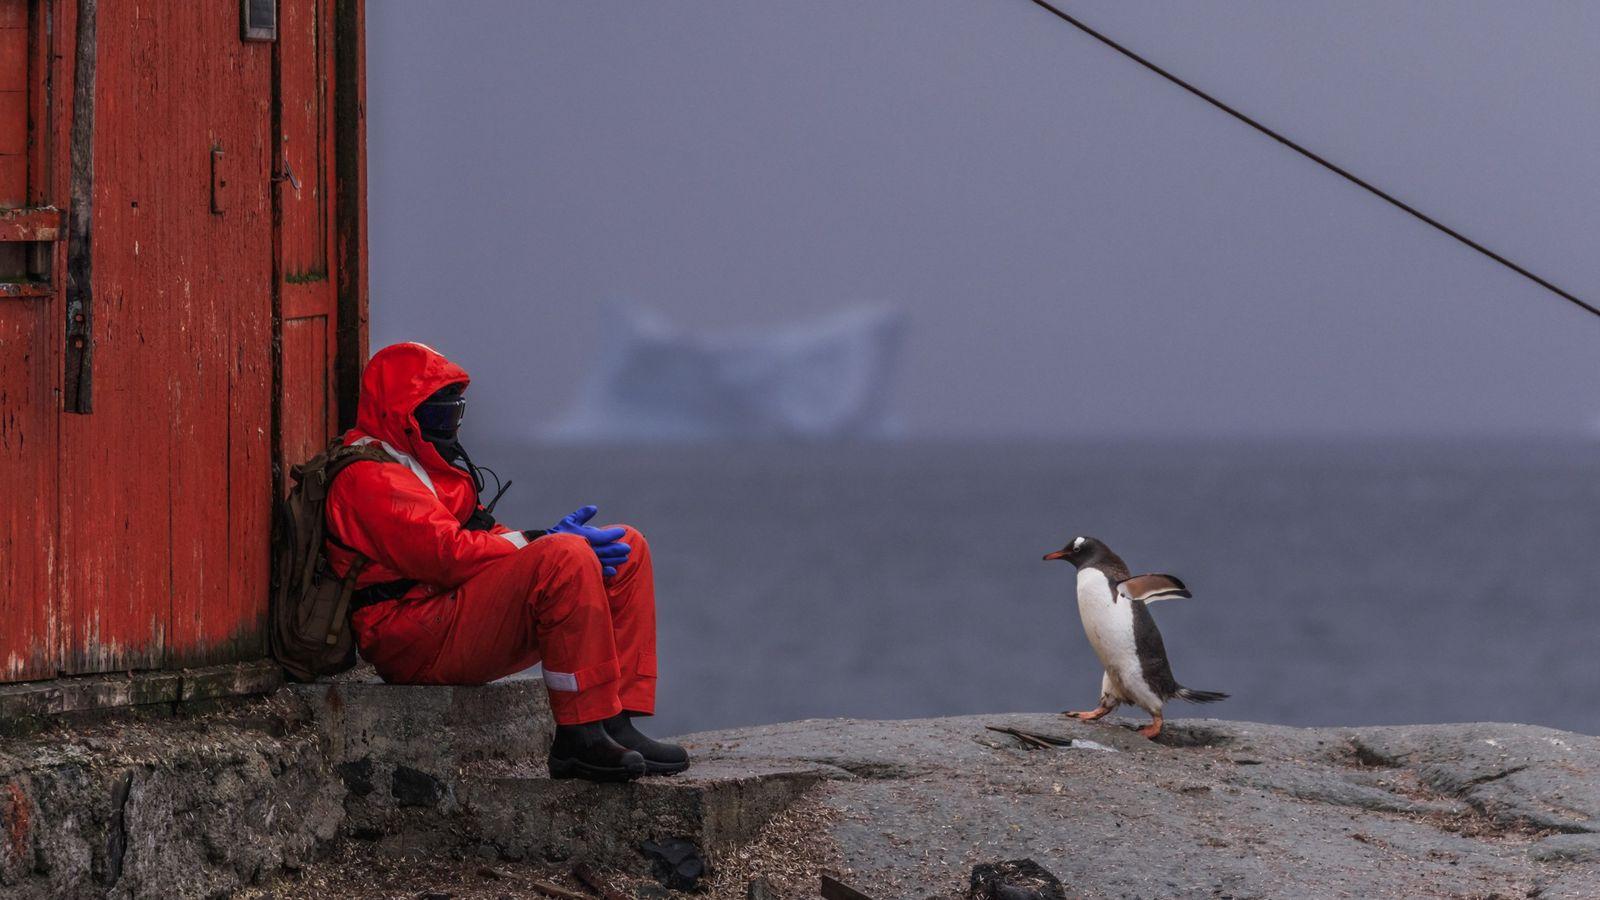 Fotografía de una persona y un pingüino papúa